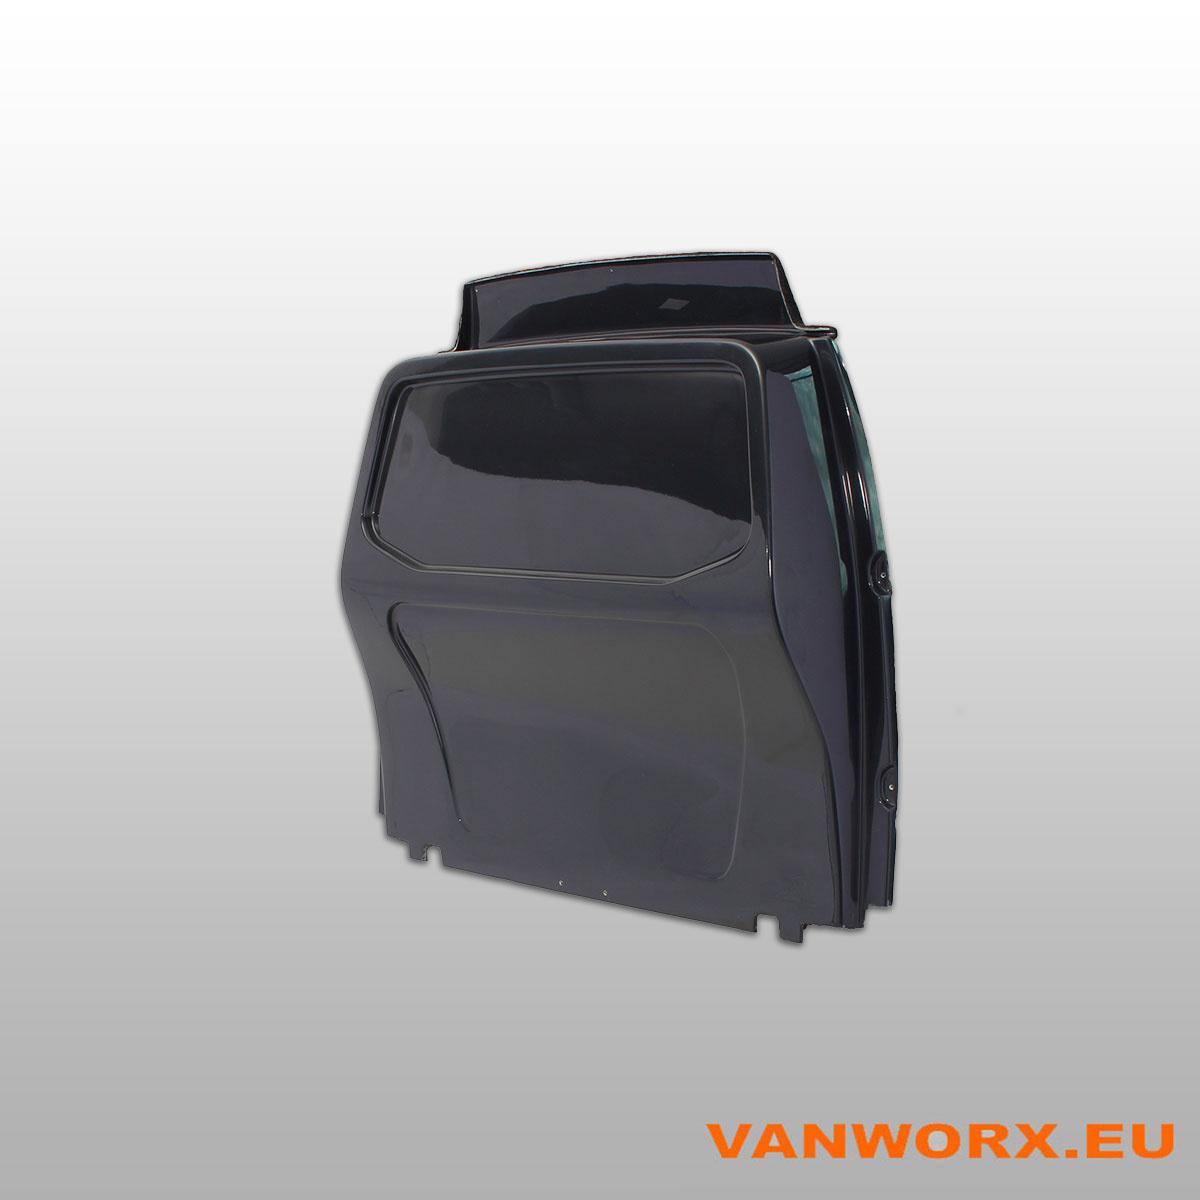 Tussenwand VW Caddy